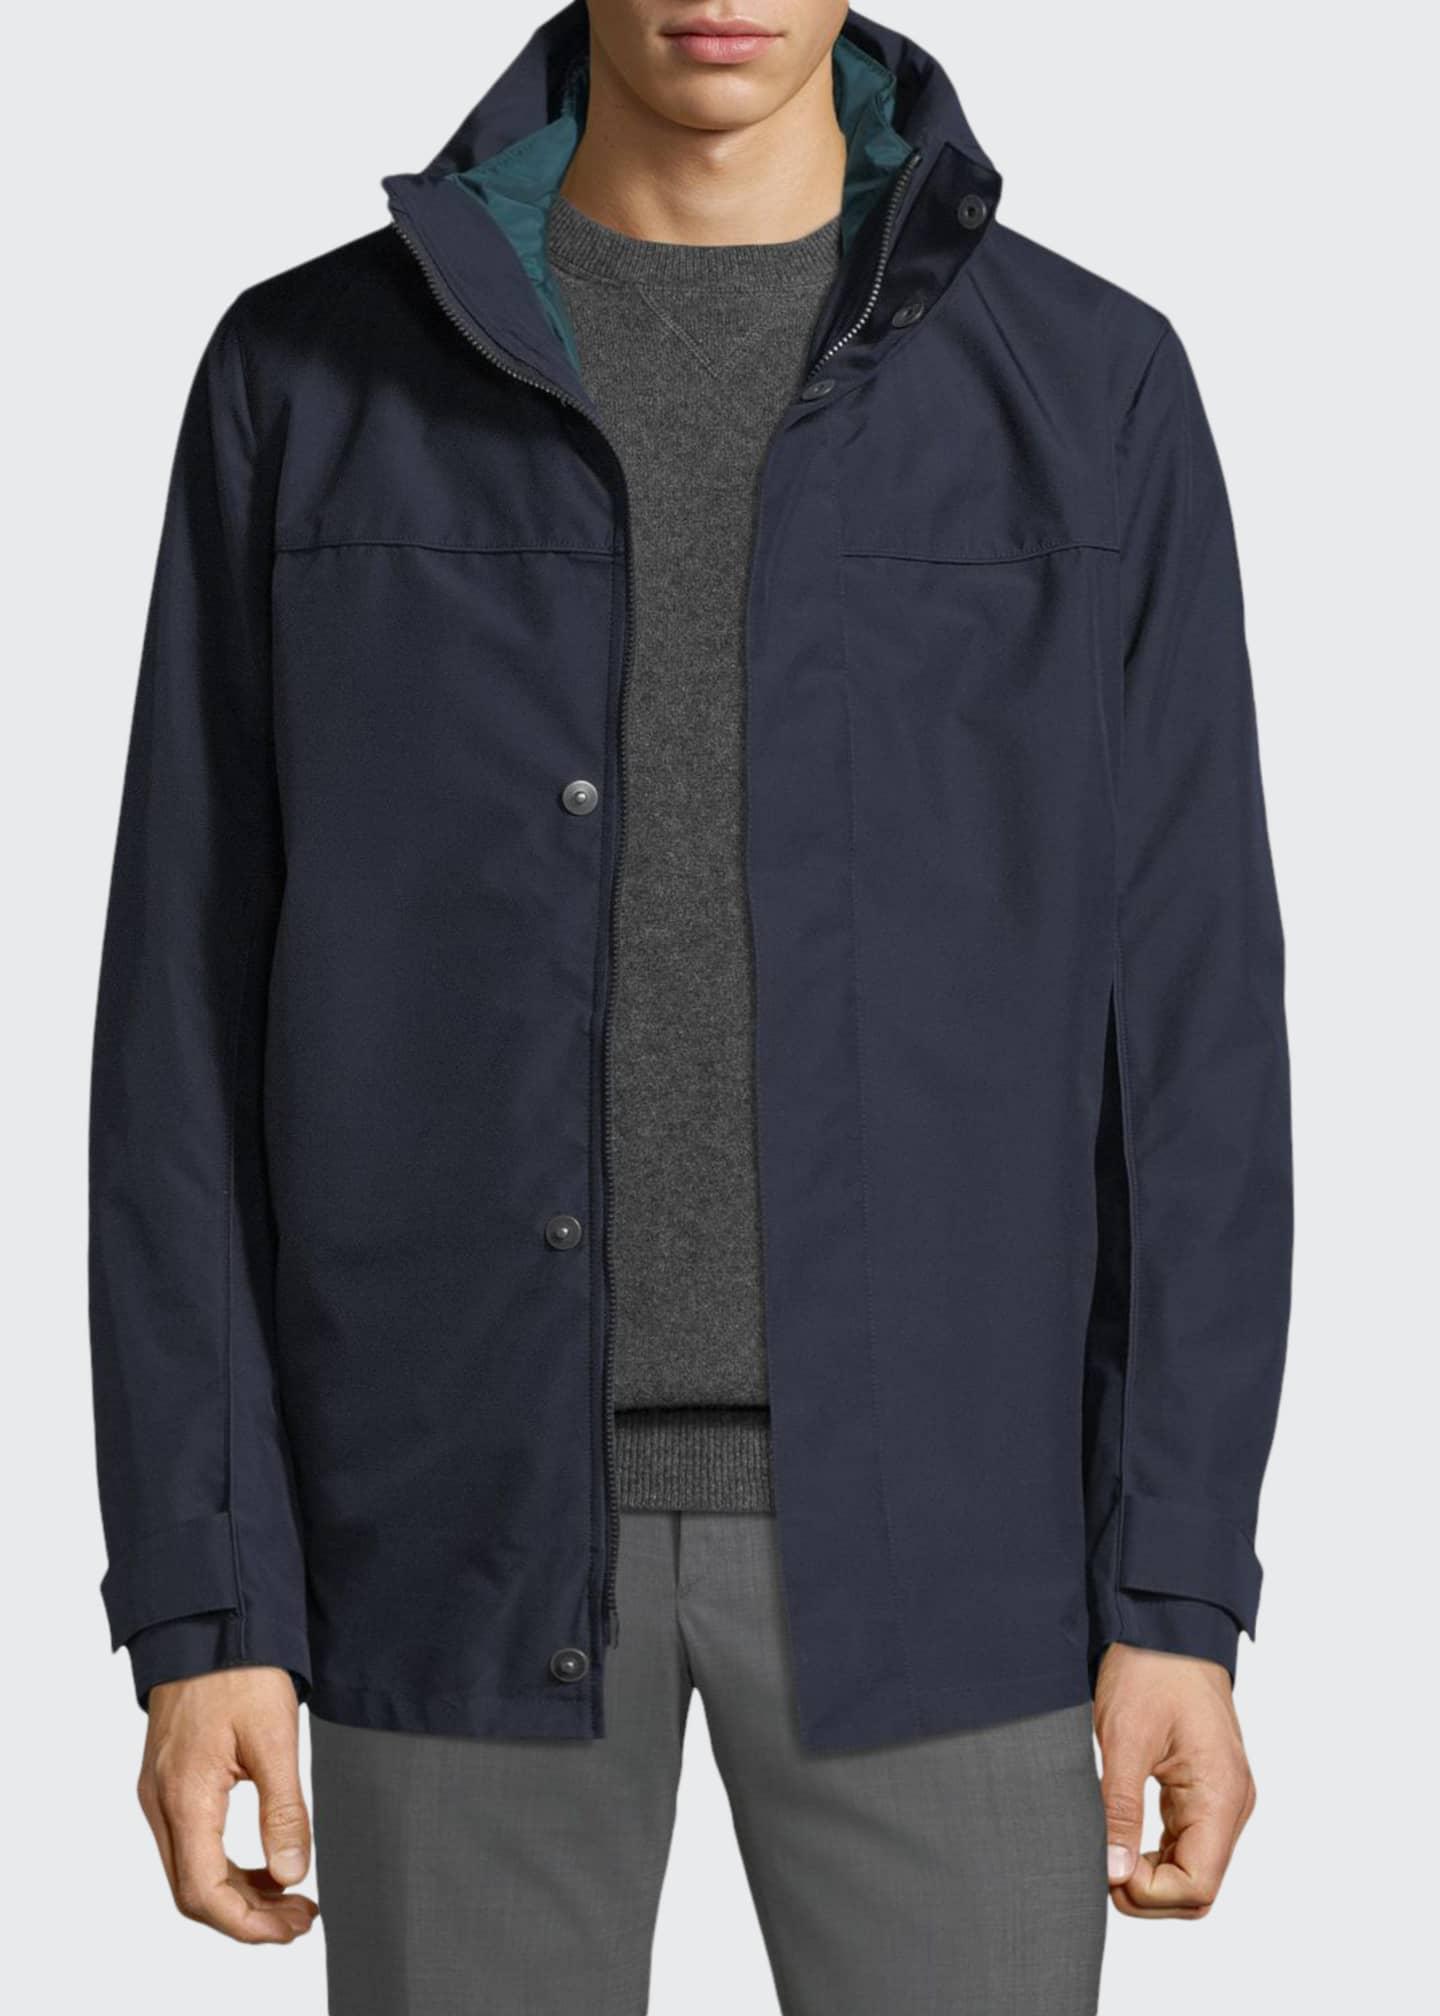 Prada Men's Hooded Zip-Front Canvas Jacket